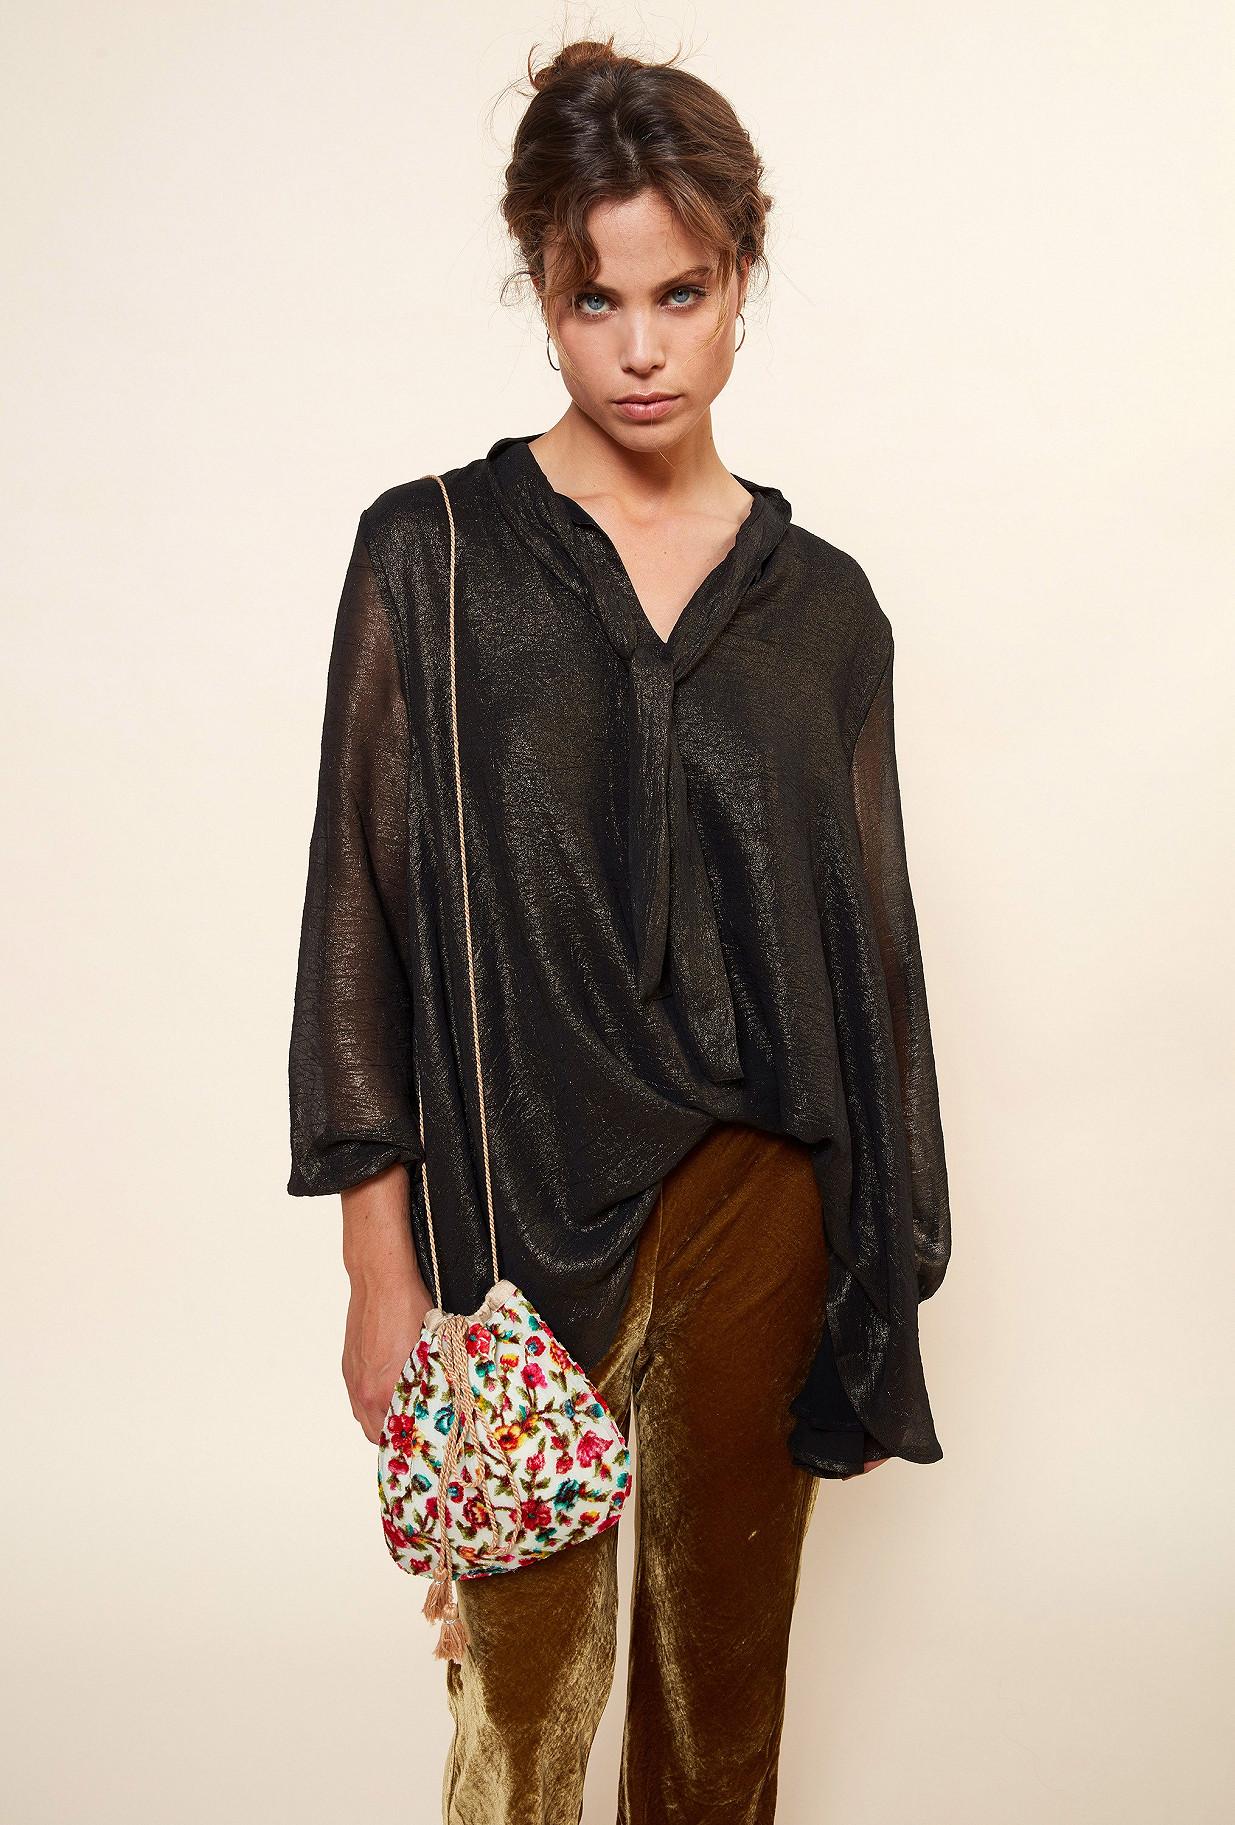 Paris boutique de mode vêtement Sac créateur bohème  Sam